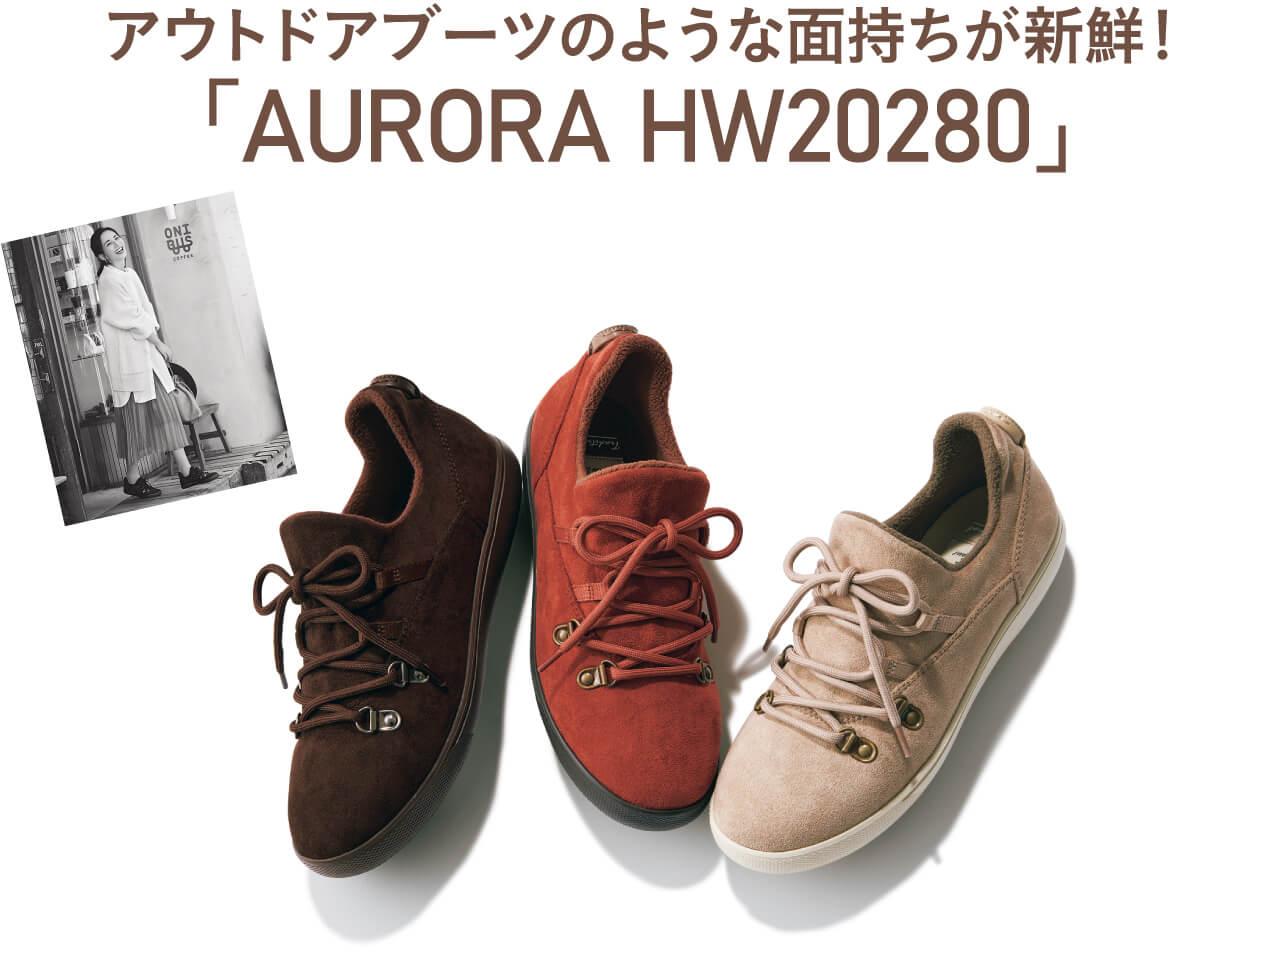 アウトドアブーツのような面持ちが新鮮AURORA-HW20280